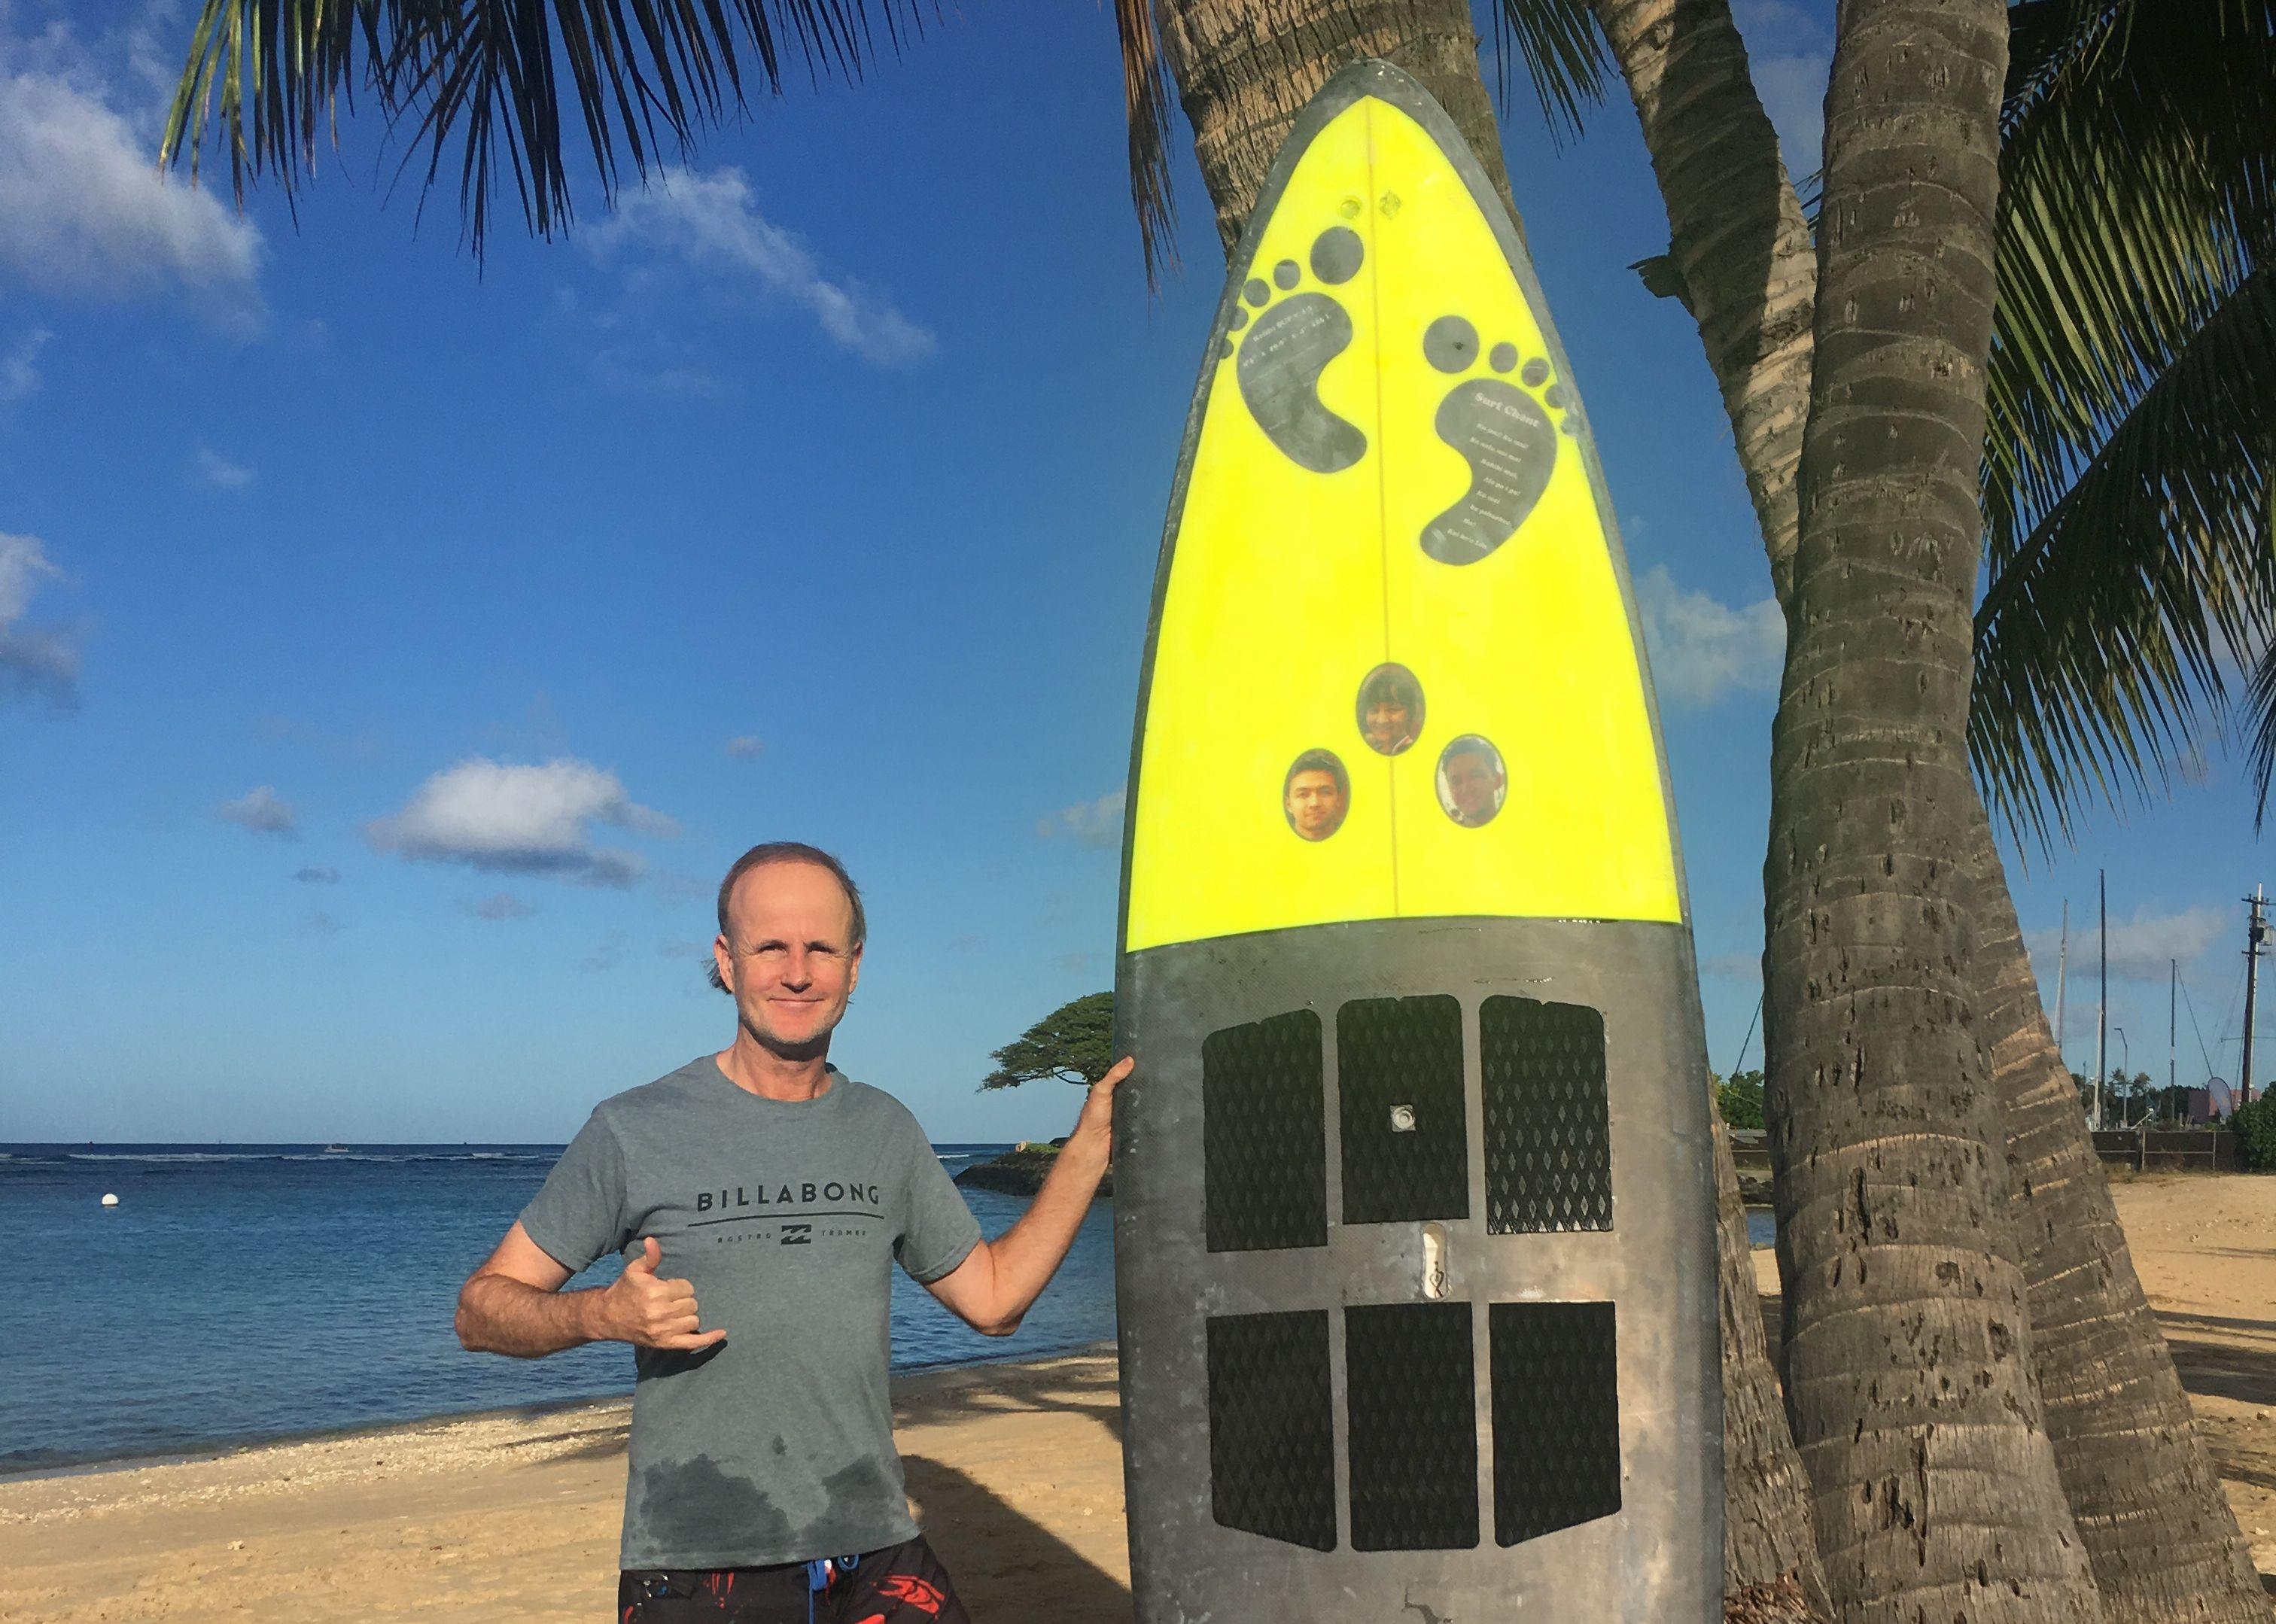 ハワイでサーフィンを楽しむミラー氏。ボードの自作にも取り組んでおり、このボードには3人の子供の写真をデザインしている (写真:クリフ・ミラー氏提供)